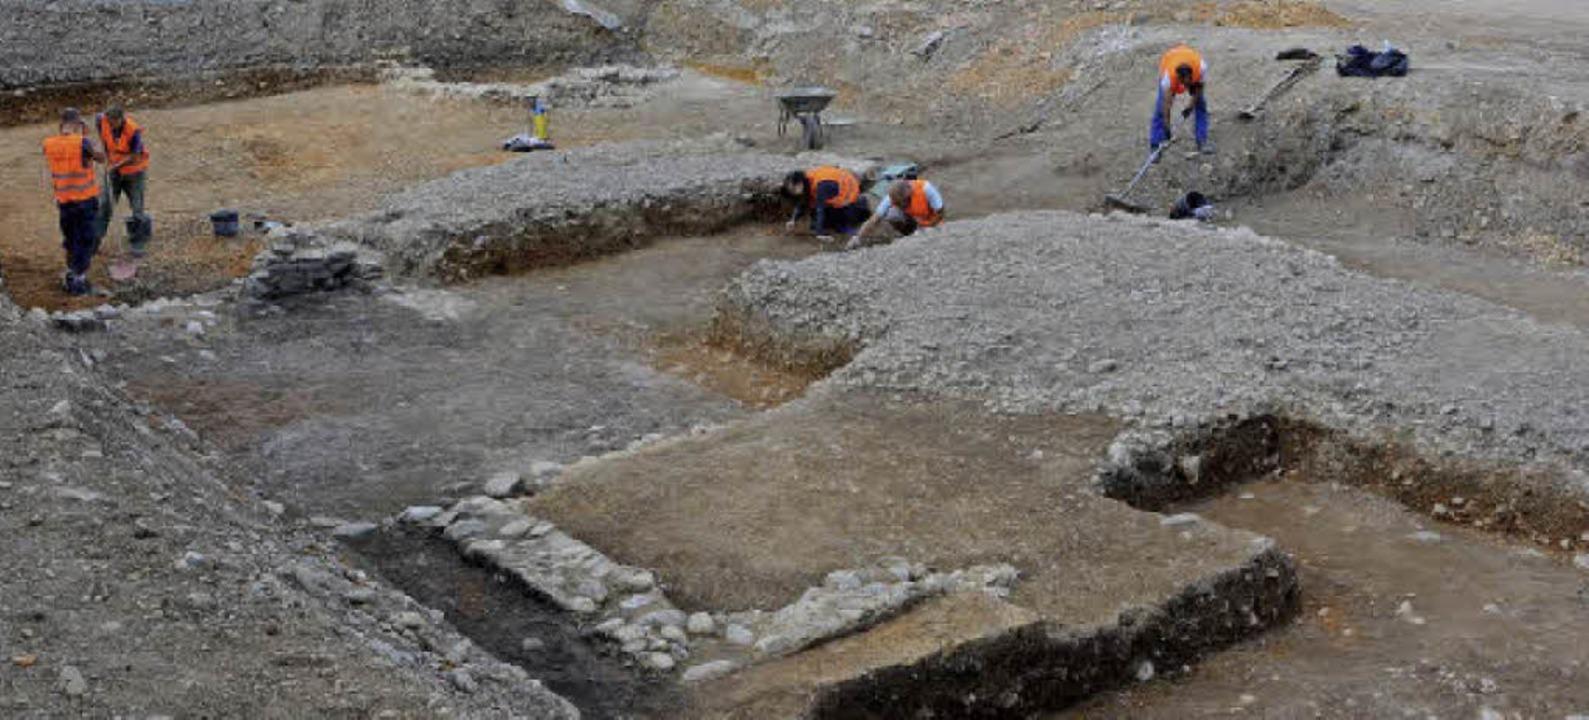 Außergewöhnlich große archäologische Grabung an der Deutschordensstraße   | Foto: Landesamt für Denkmalpflege